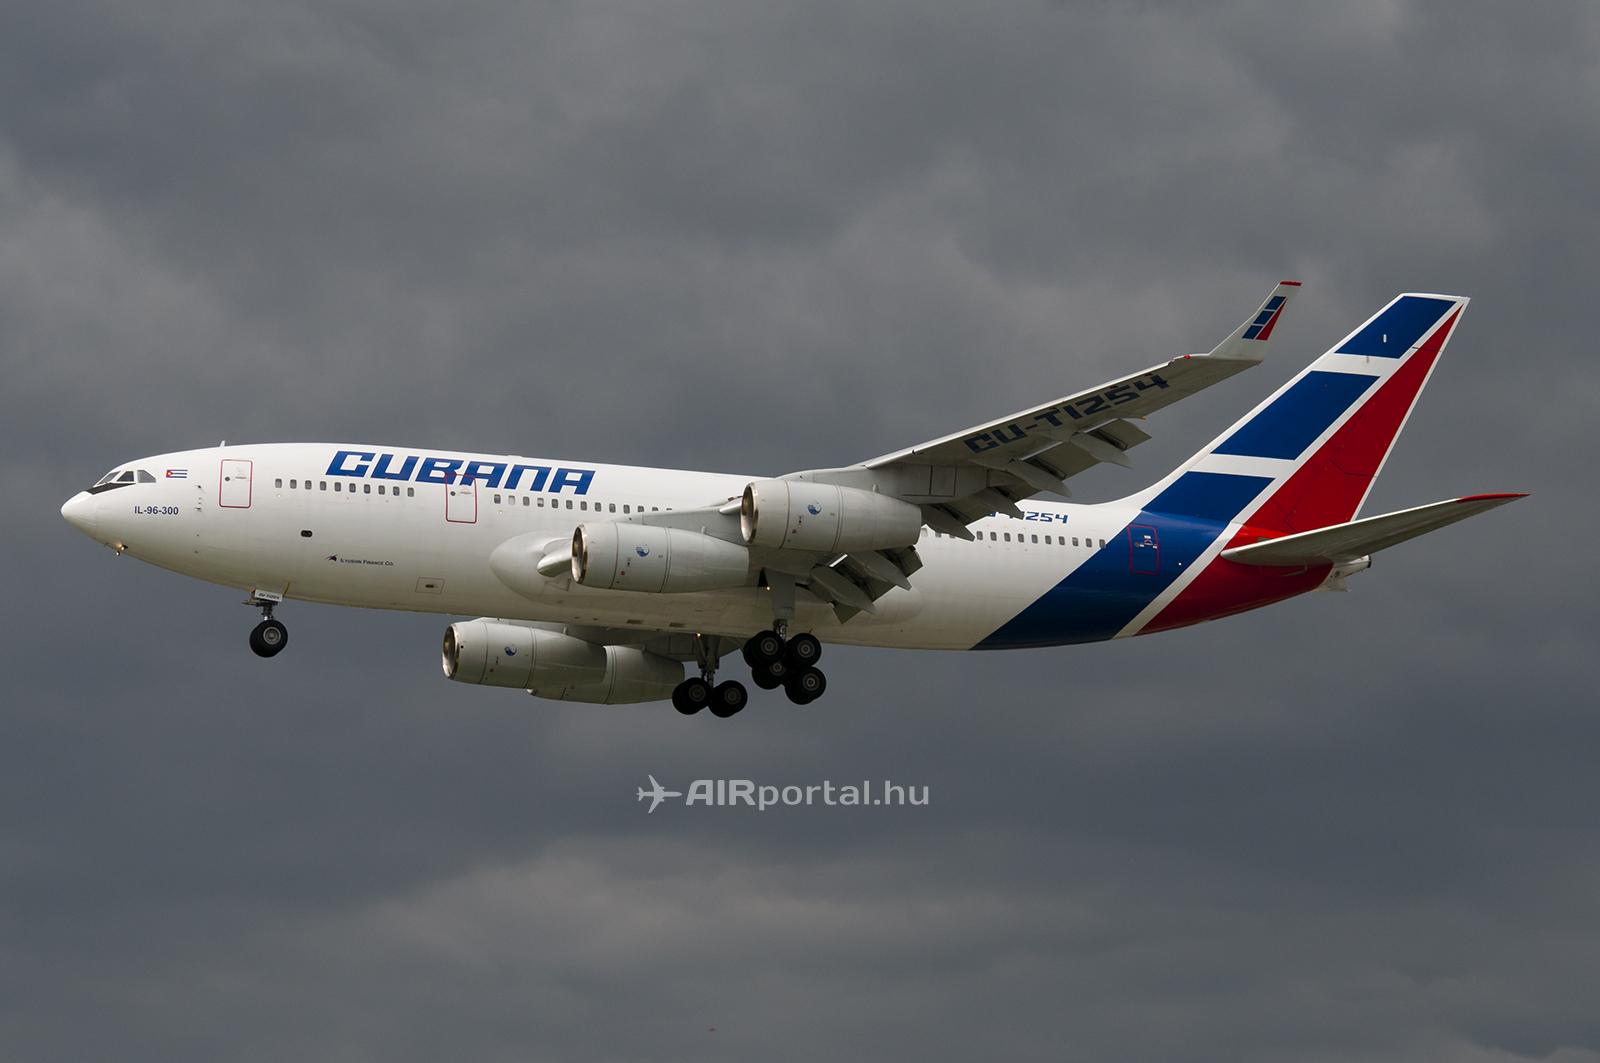 A Cubana Airlines elméletileg igen, gyakorlatilag nem kaphat még repülési jogot az USA-ba.(Fotó: AIRportal.hu)   © AIRportal.hu